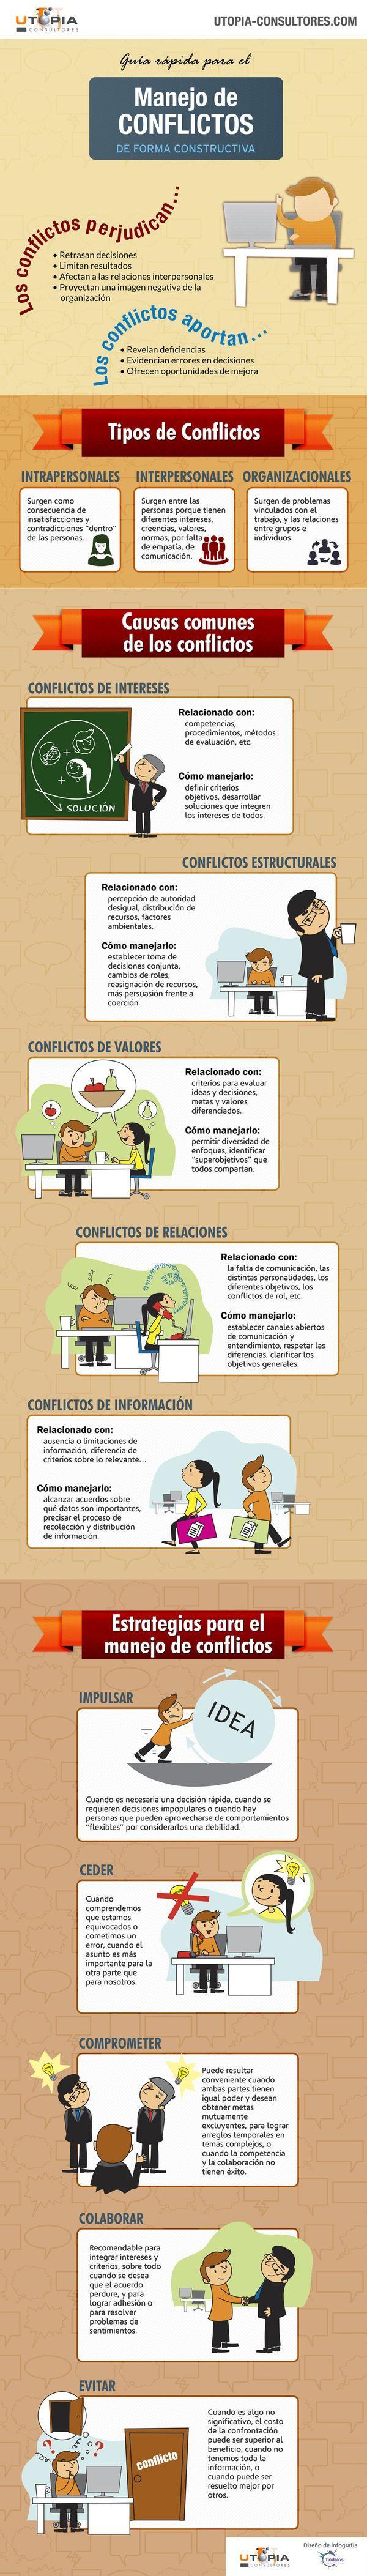 También estamos en  https://twitter.com/CanalLopezSAS , en  https://www.facebook.com/pages/Canal-López-SAS/1506791762881239 y en http://canallopezsas.blogspot.com.co/